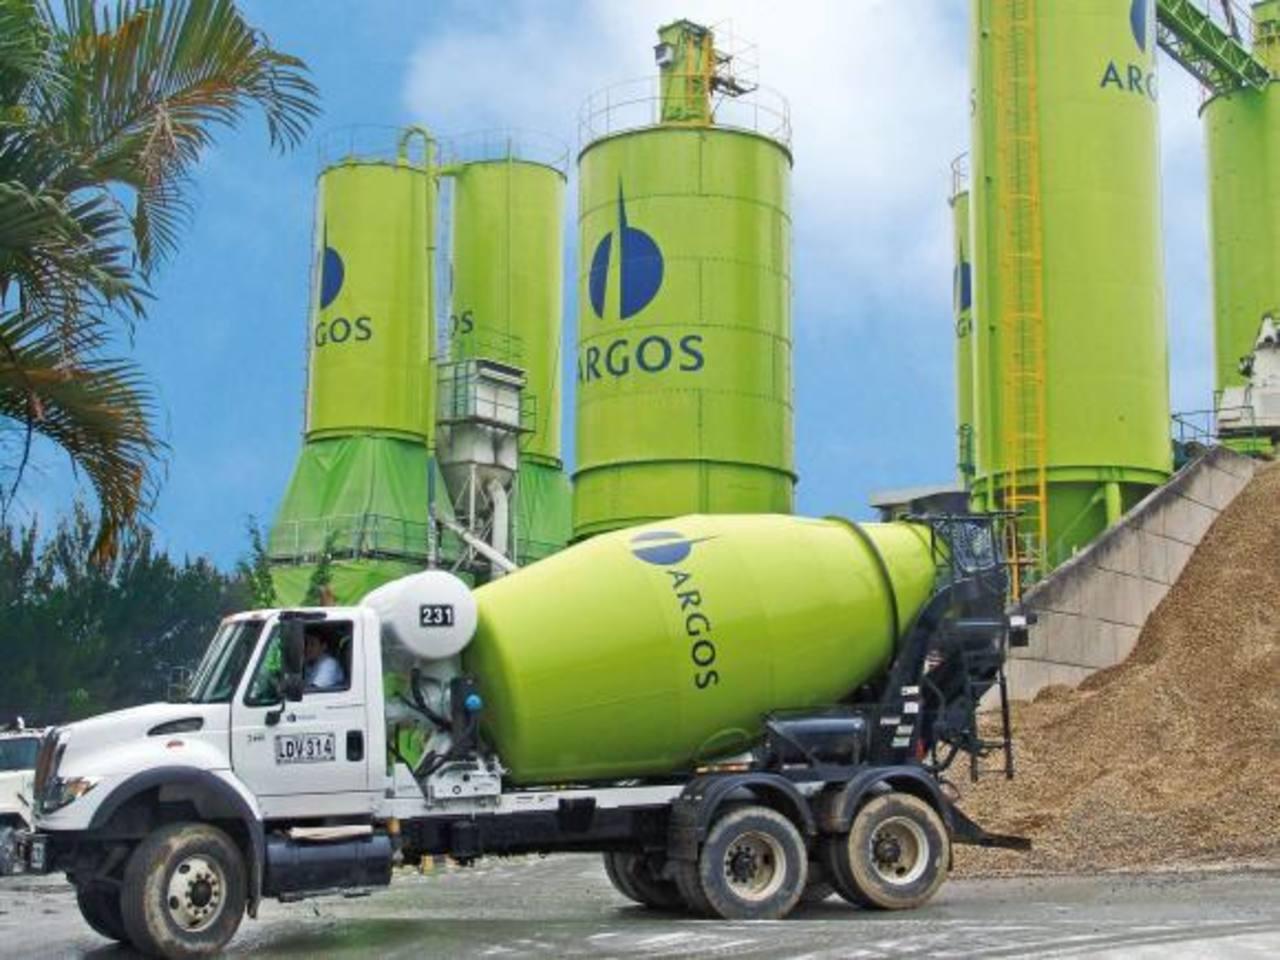 Cementos Argos ha anunciado un agresivo plan de expansión para estar a la altura de la competencia.